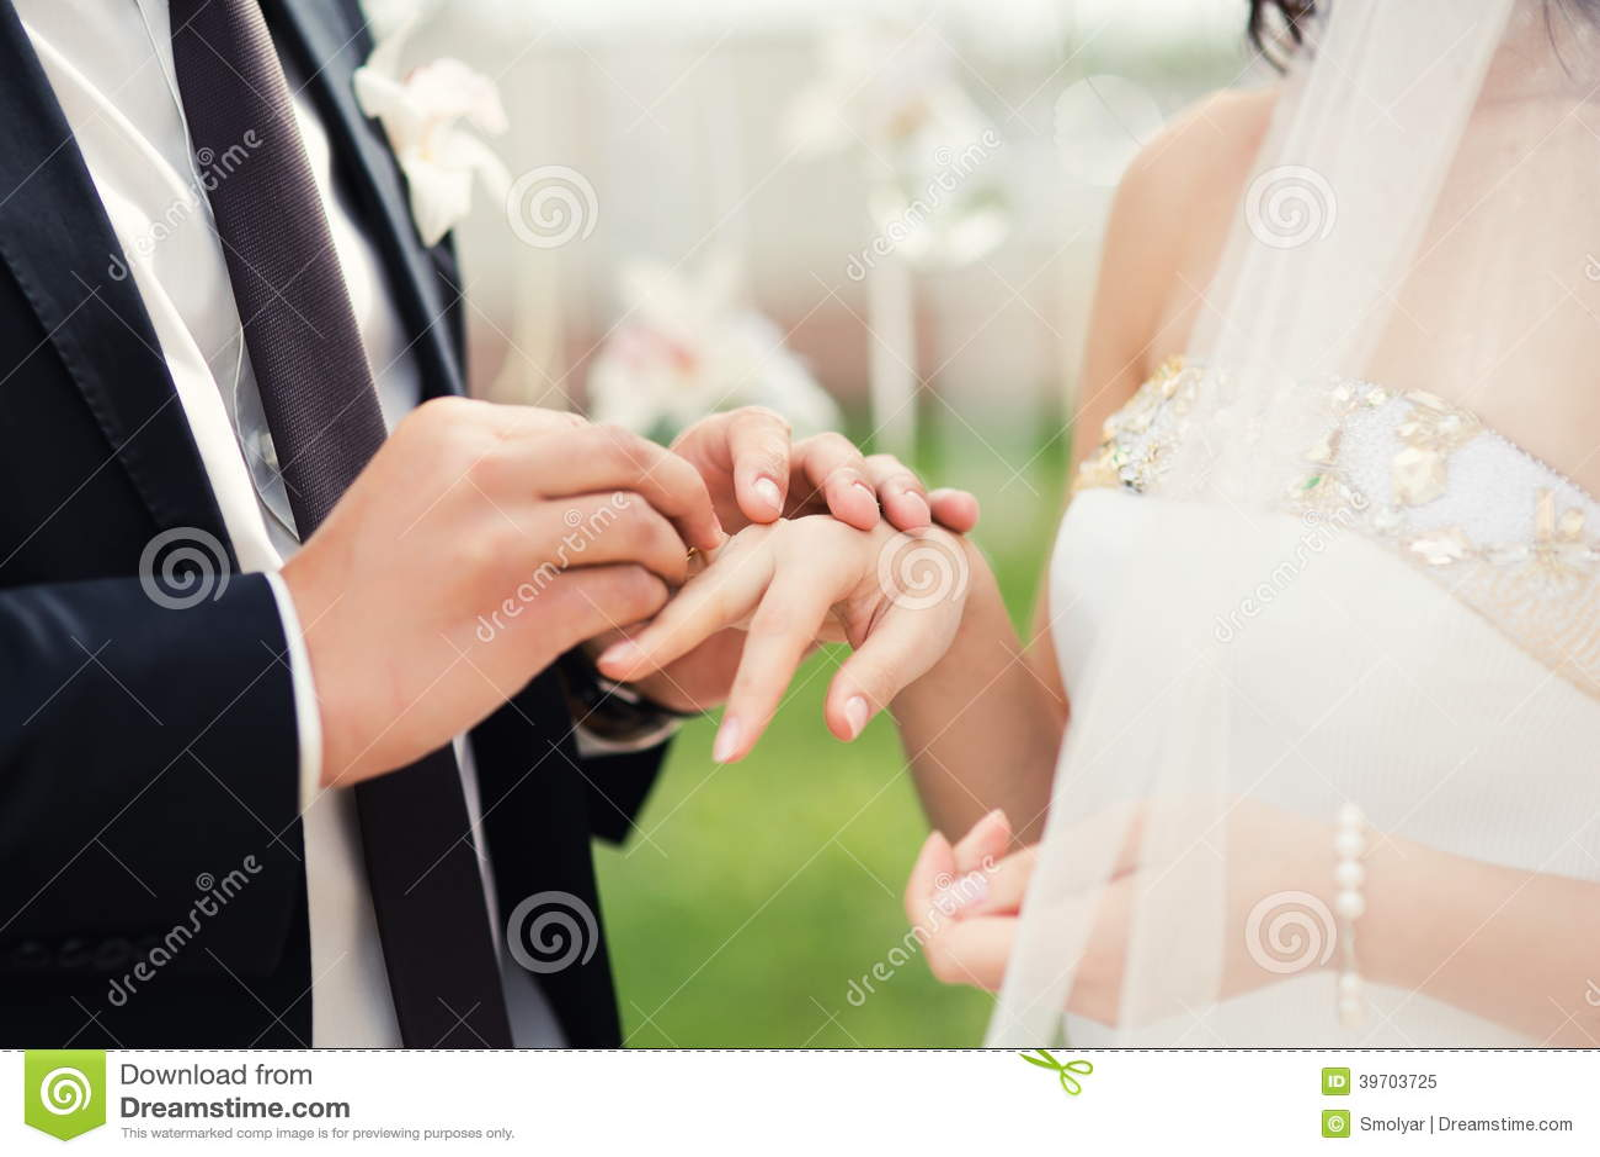 Het huwelijkspaar overhandigt close-up tijdens huwelijksceremonie